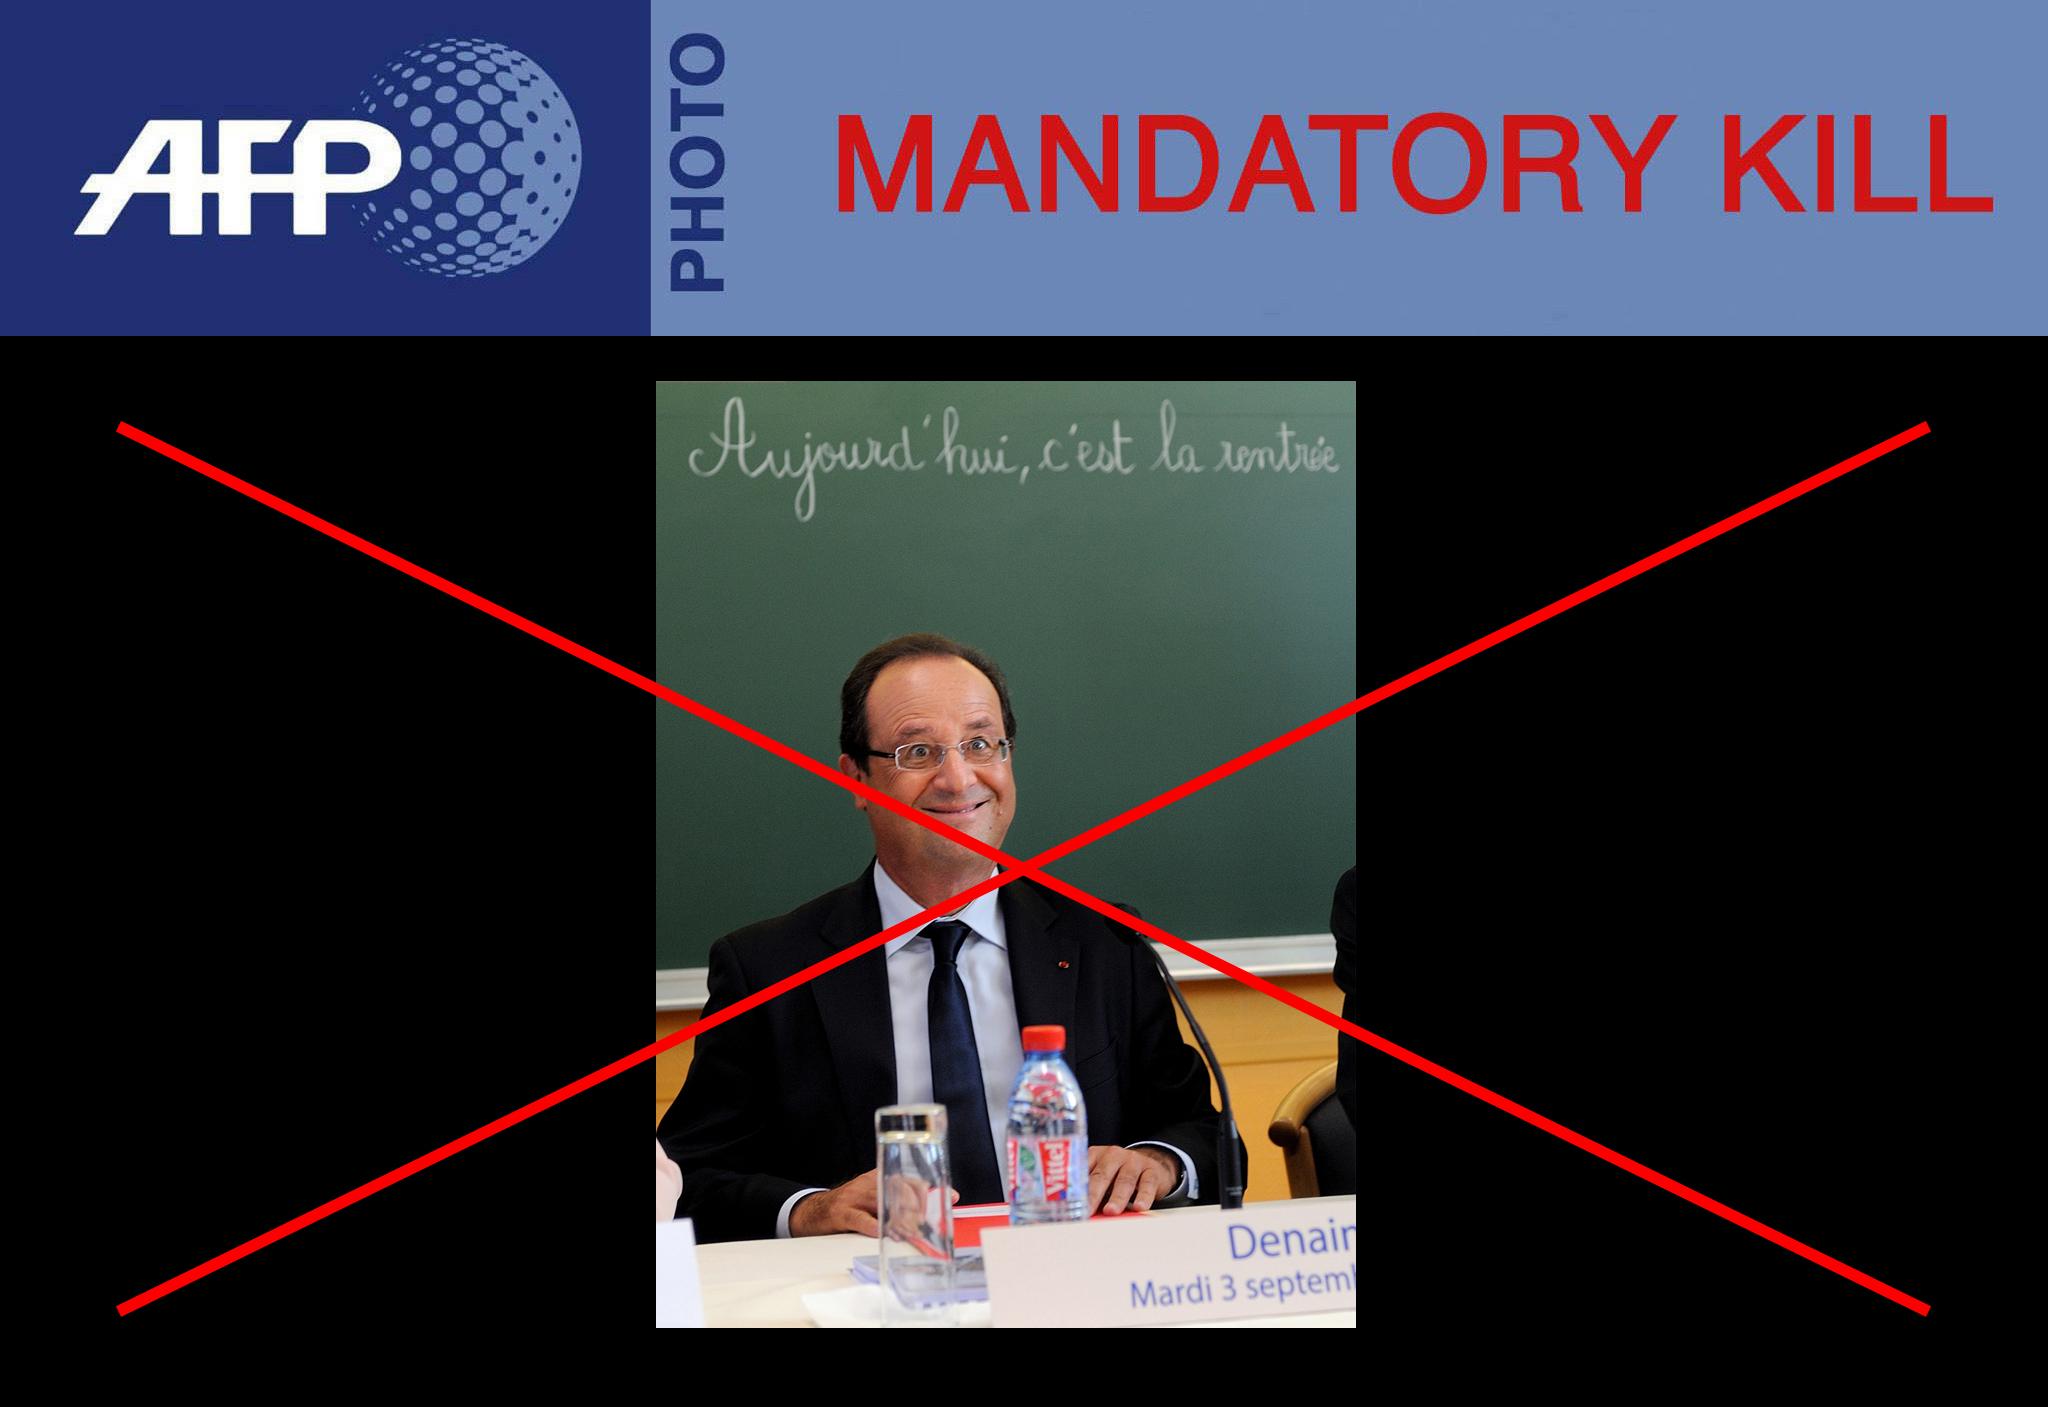 l'AFP diffuse une photo peu valorisante de François Hollande avant de se raviser et d'en demander la suppression par tous les destinataires. Effet Streisand garanti.